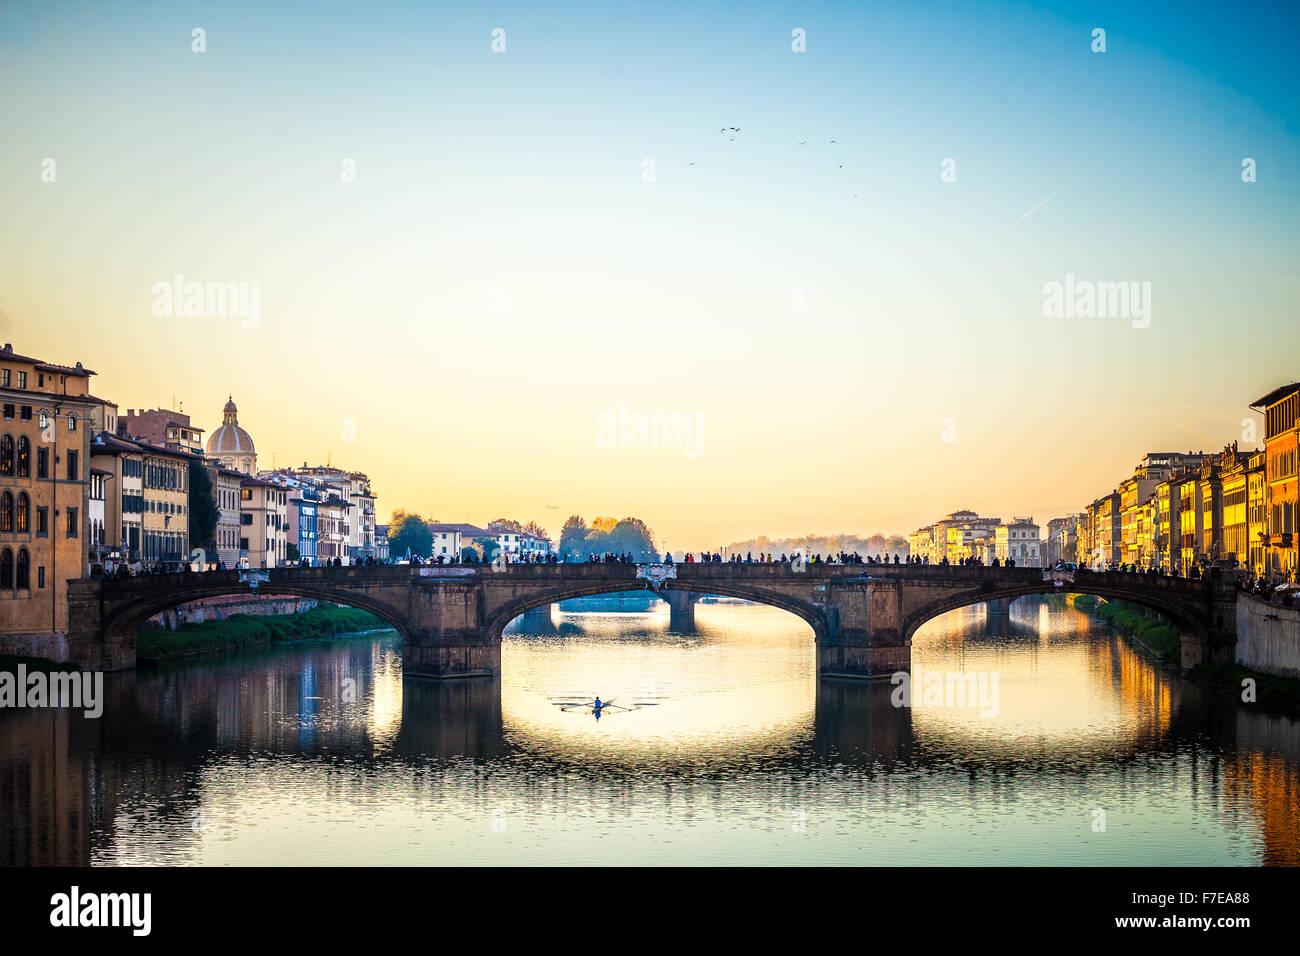 Die erstaunliche Ponte Vecchio über den Arno in Florenz, Italien. Unter der Brücke ein Kerl Rudern Stockbild